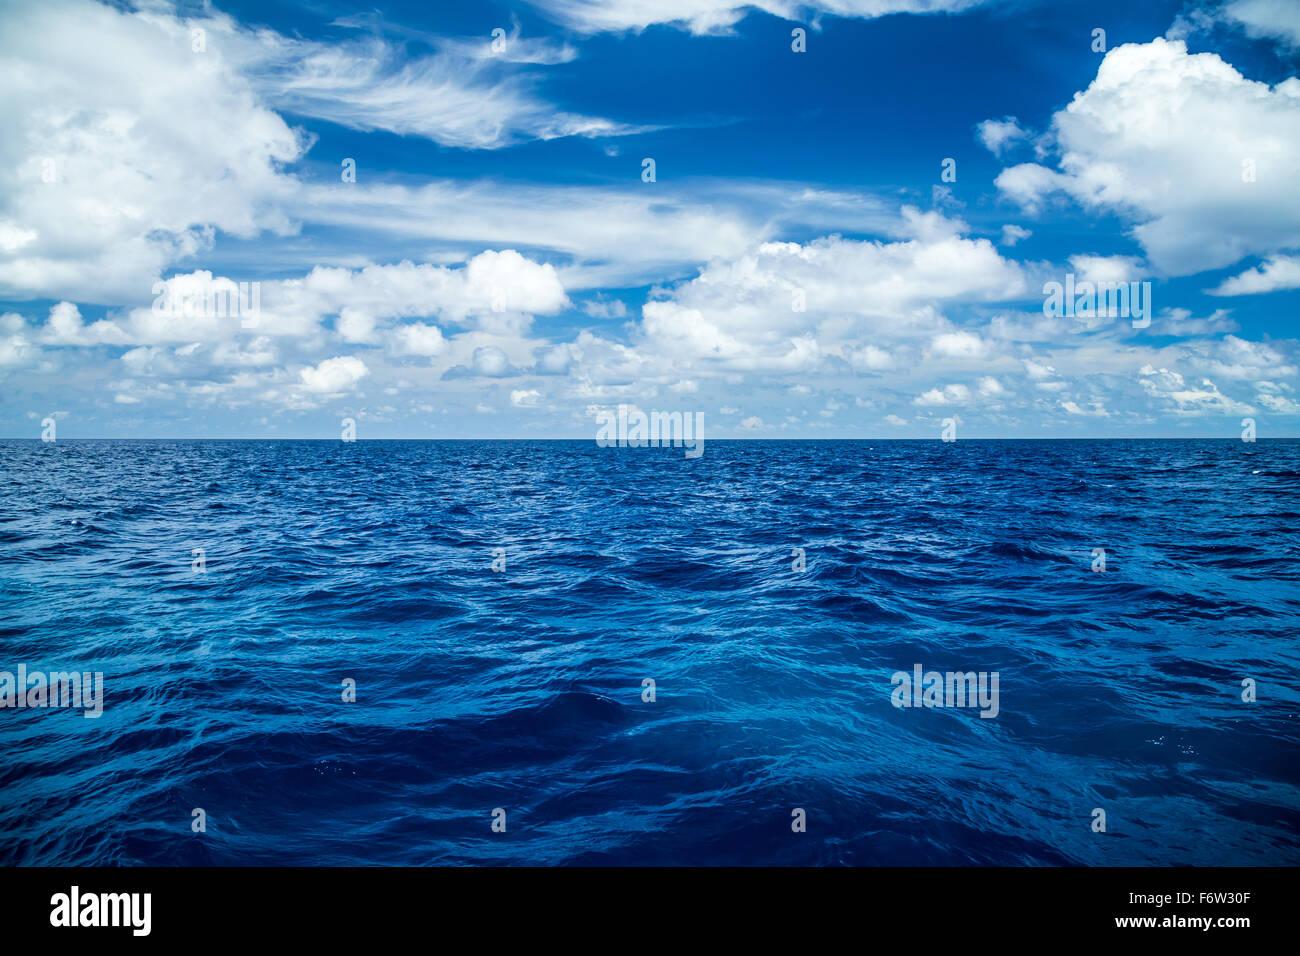 Blick auf den tiefblauen Ozean vor blauen Wolkenhimmel Stockbild